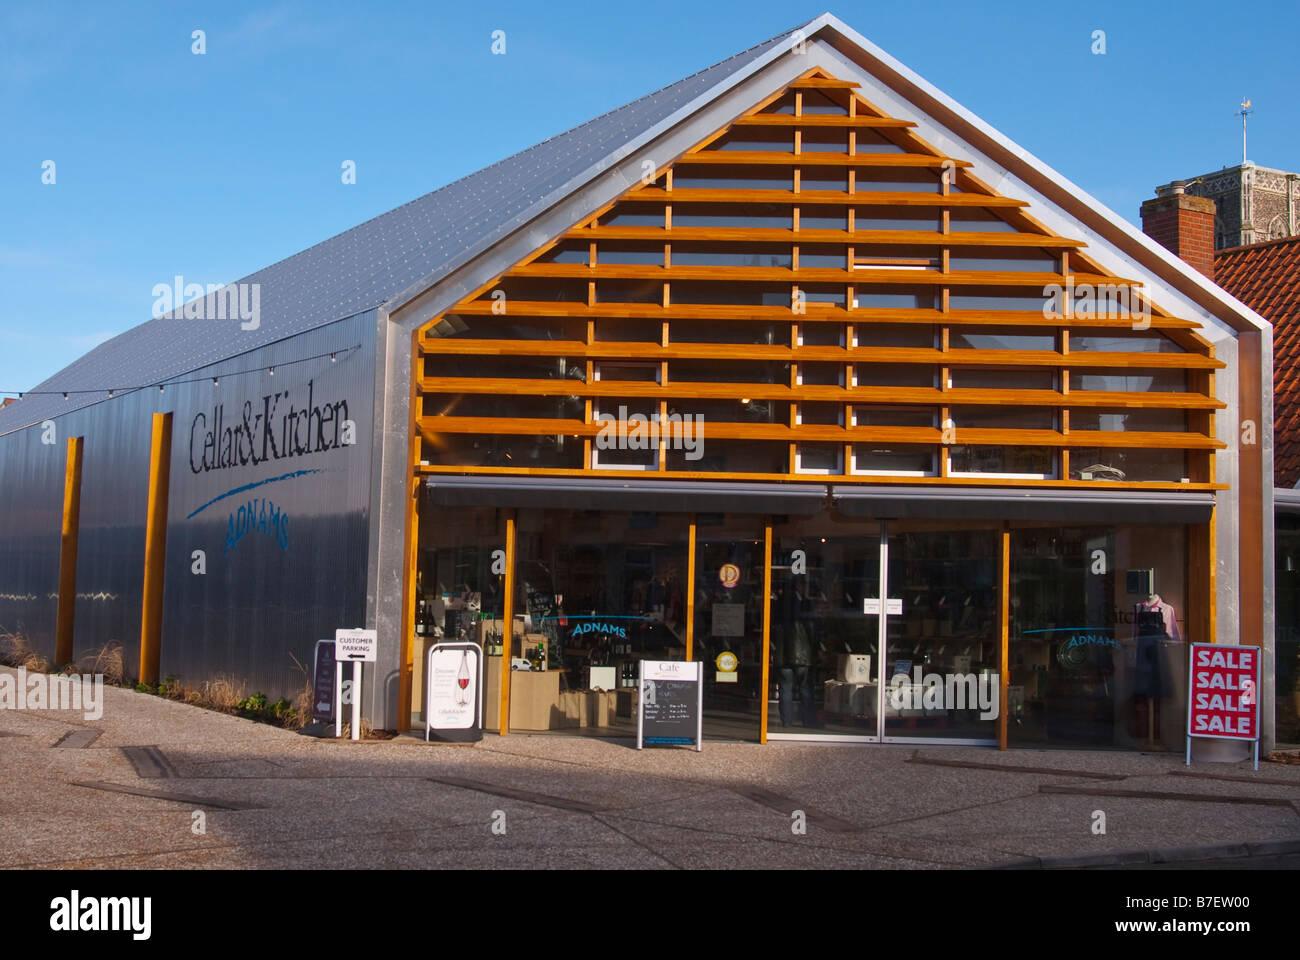 Der neue Adnams Keller & Küche Shop verkaufen, Biere, Weine, etc ...